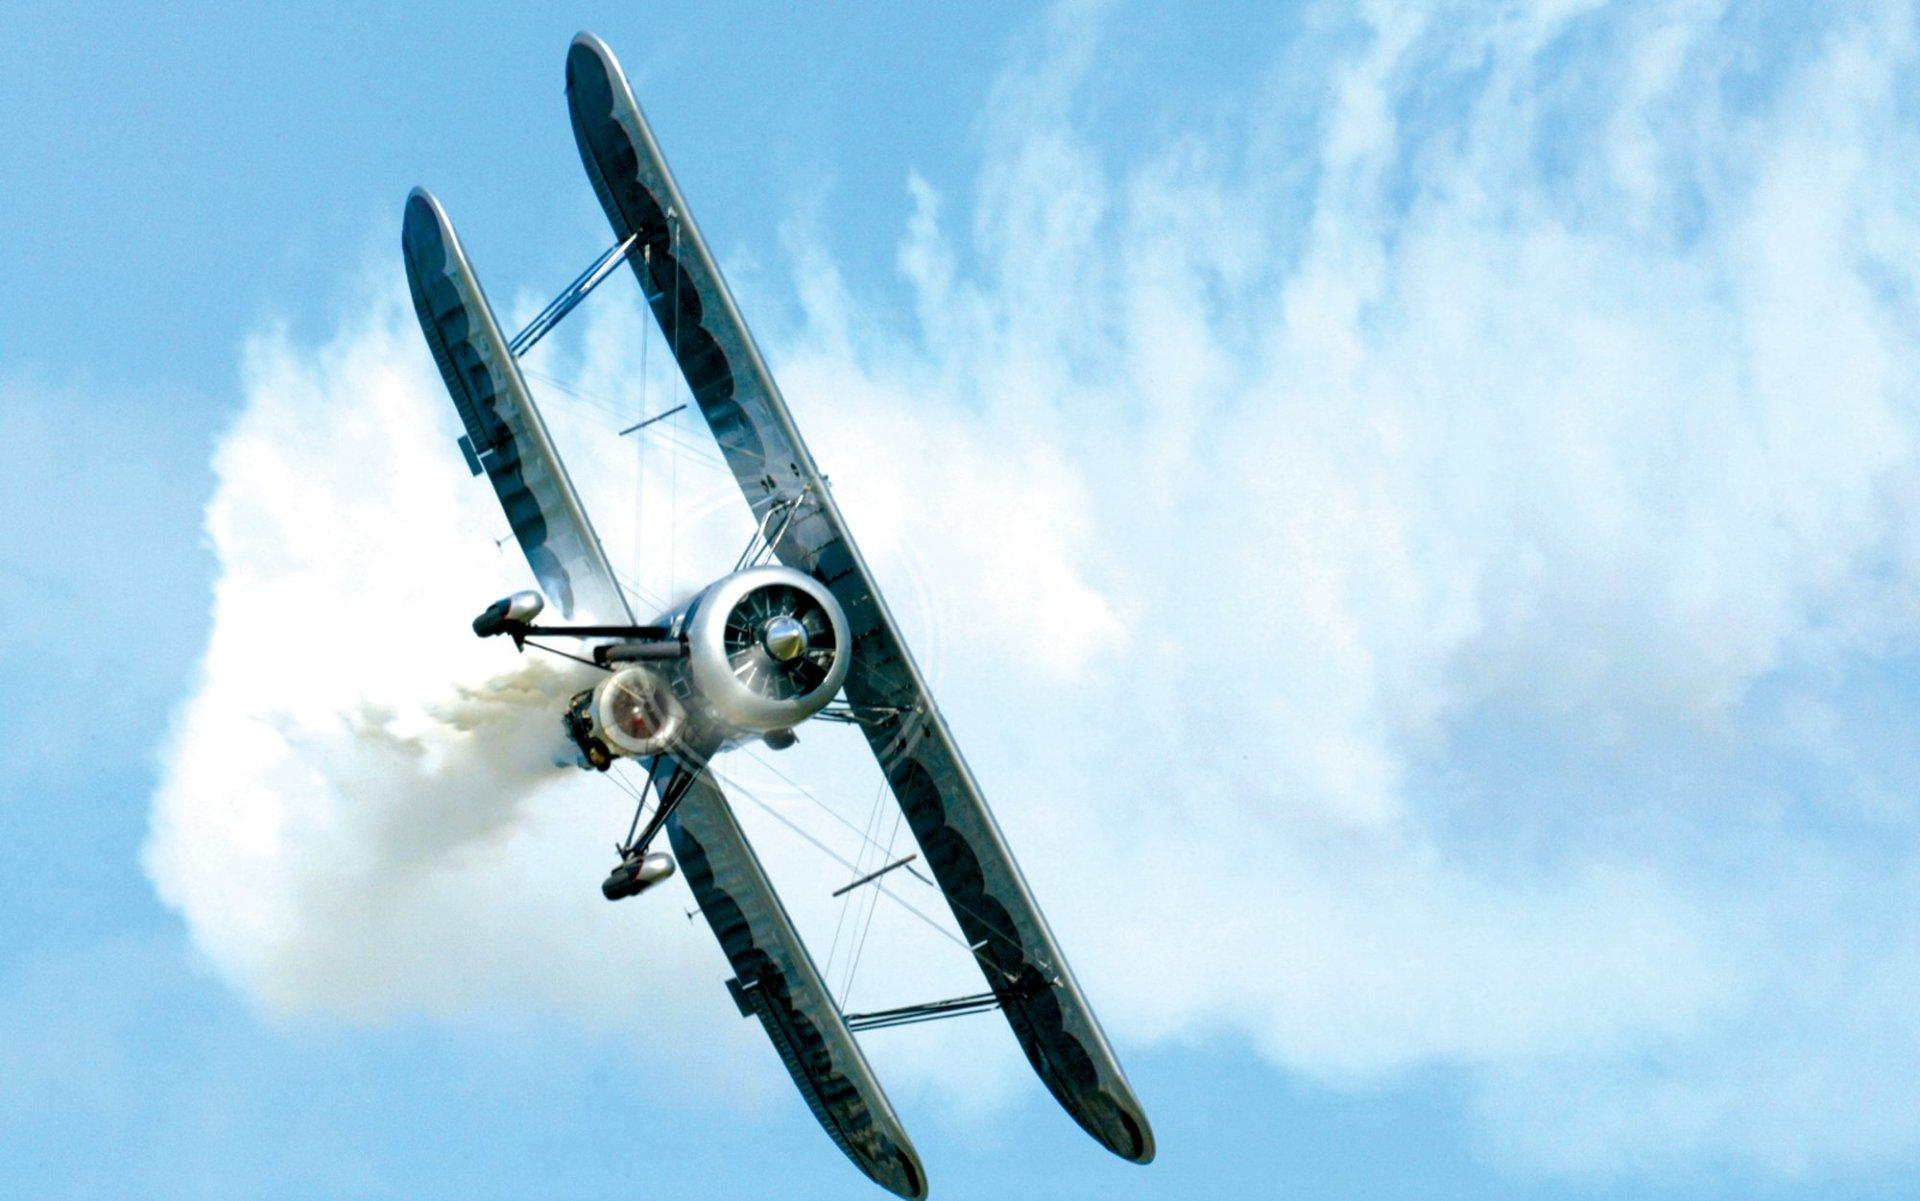 Vehículos - Aeronave  Biplane Fondo de Pantalla